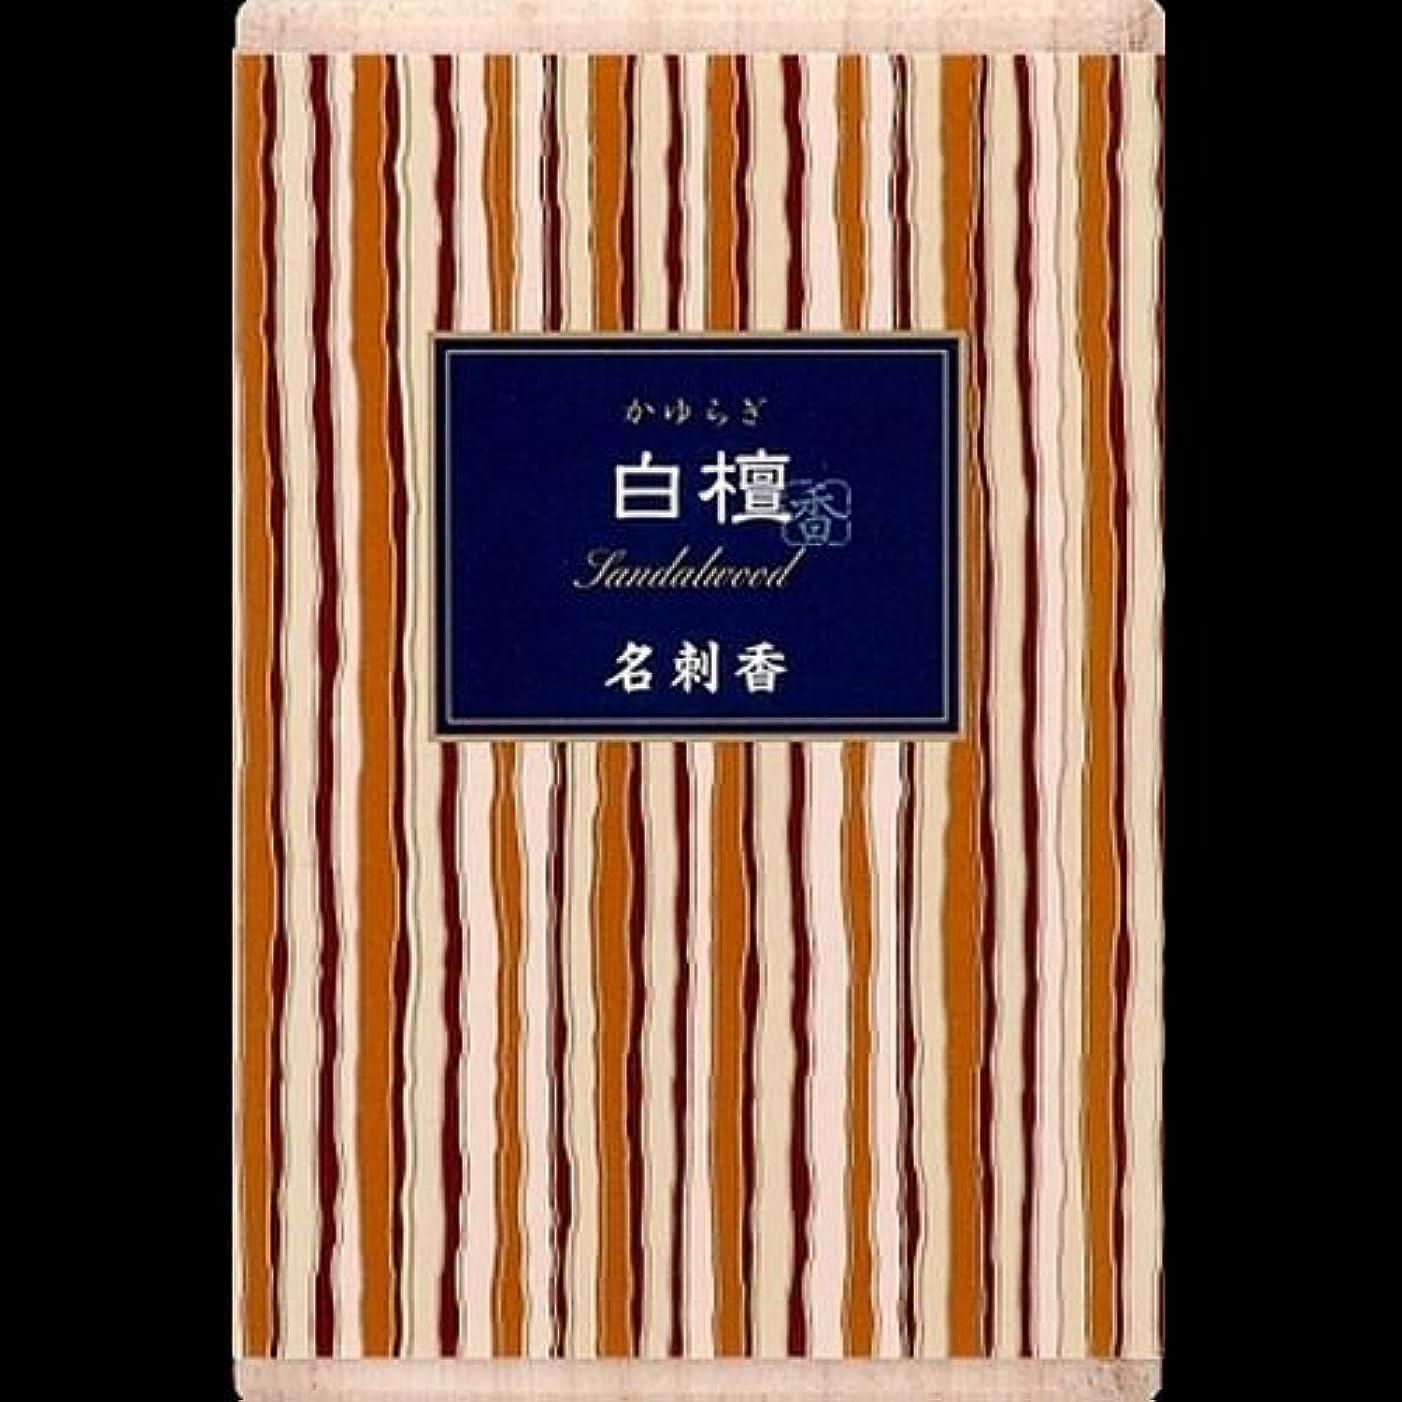 置き場コア図書館【まとめ買い】かゆらぎ 白檀 名刺香 桐箱 6入 ×2セット